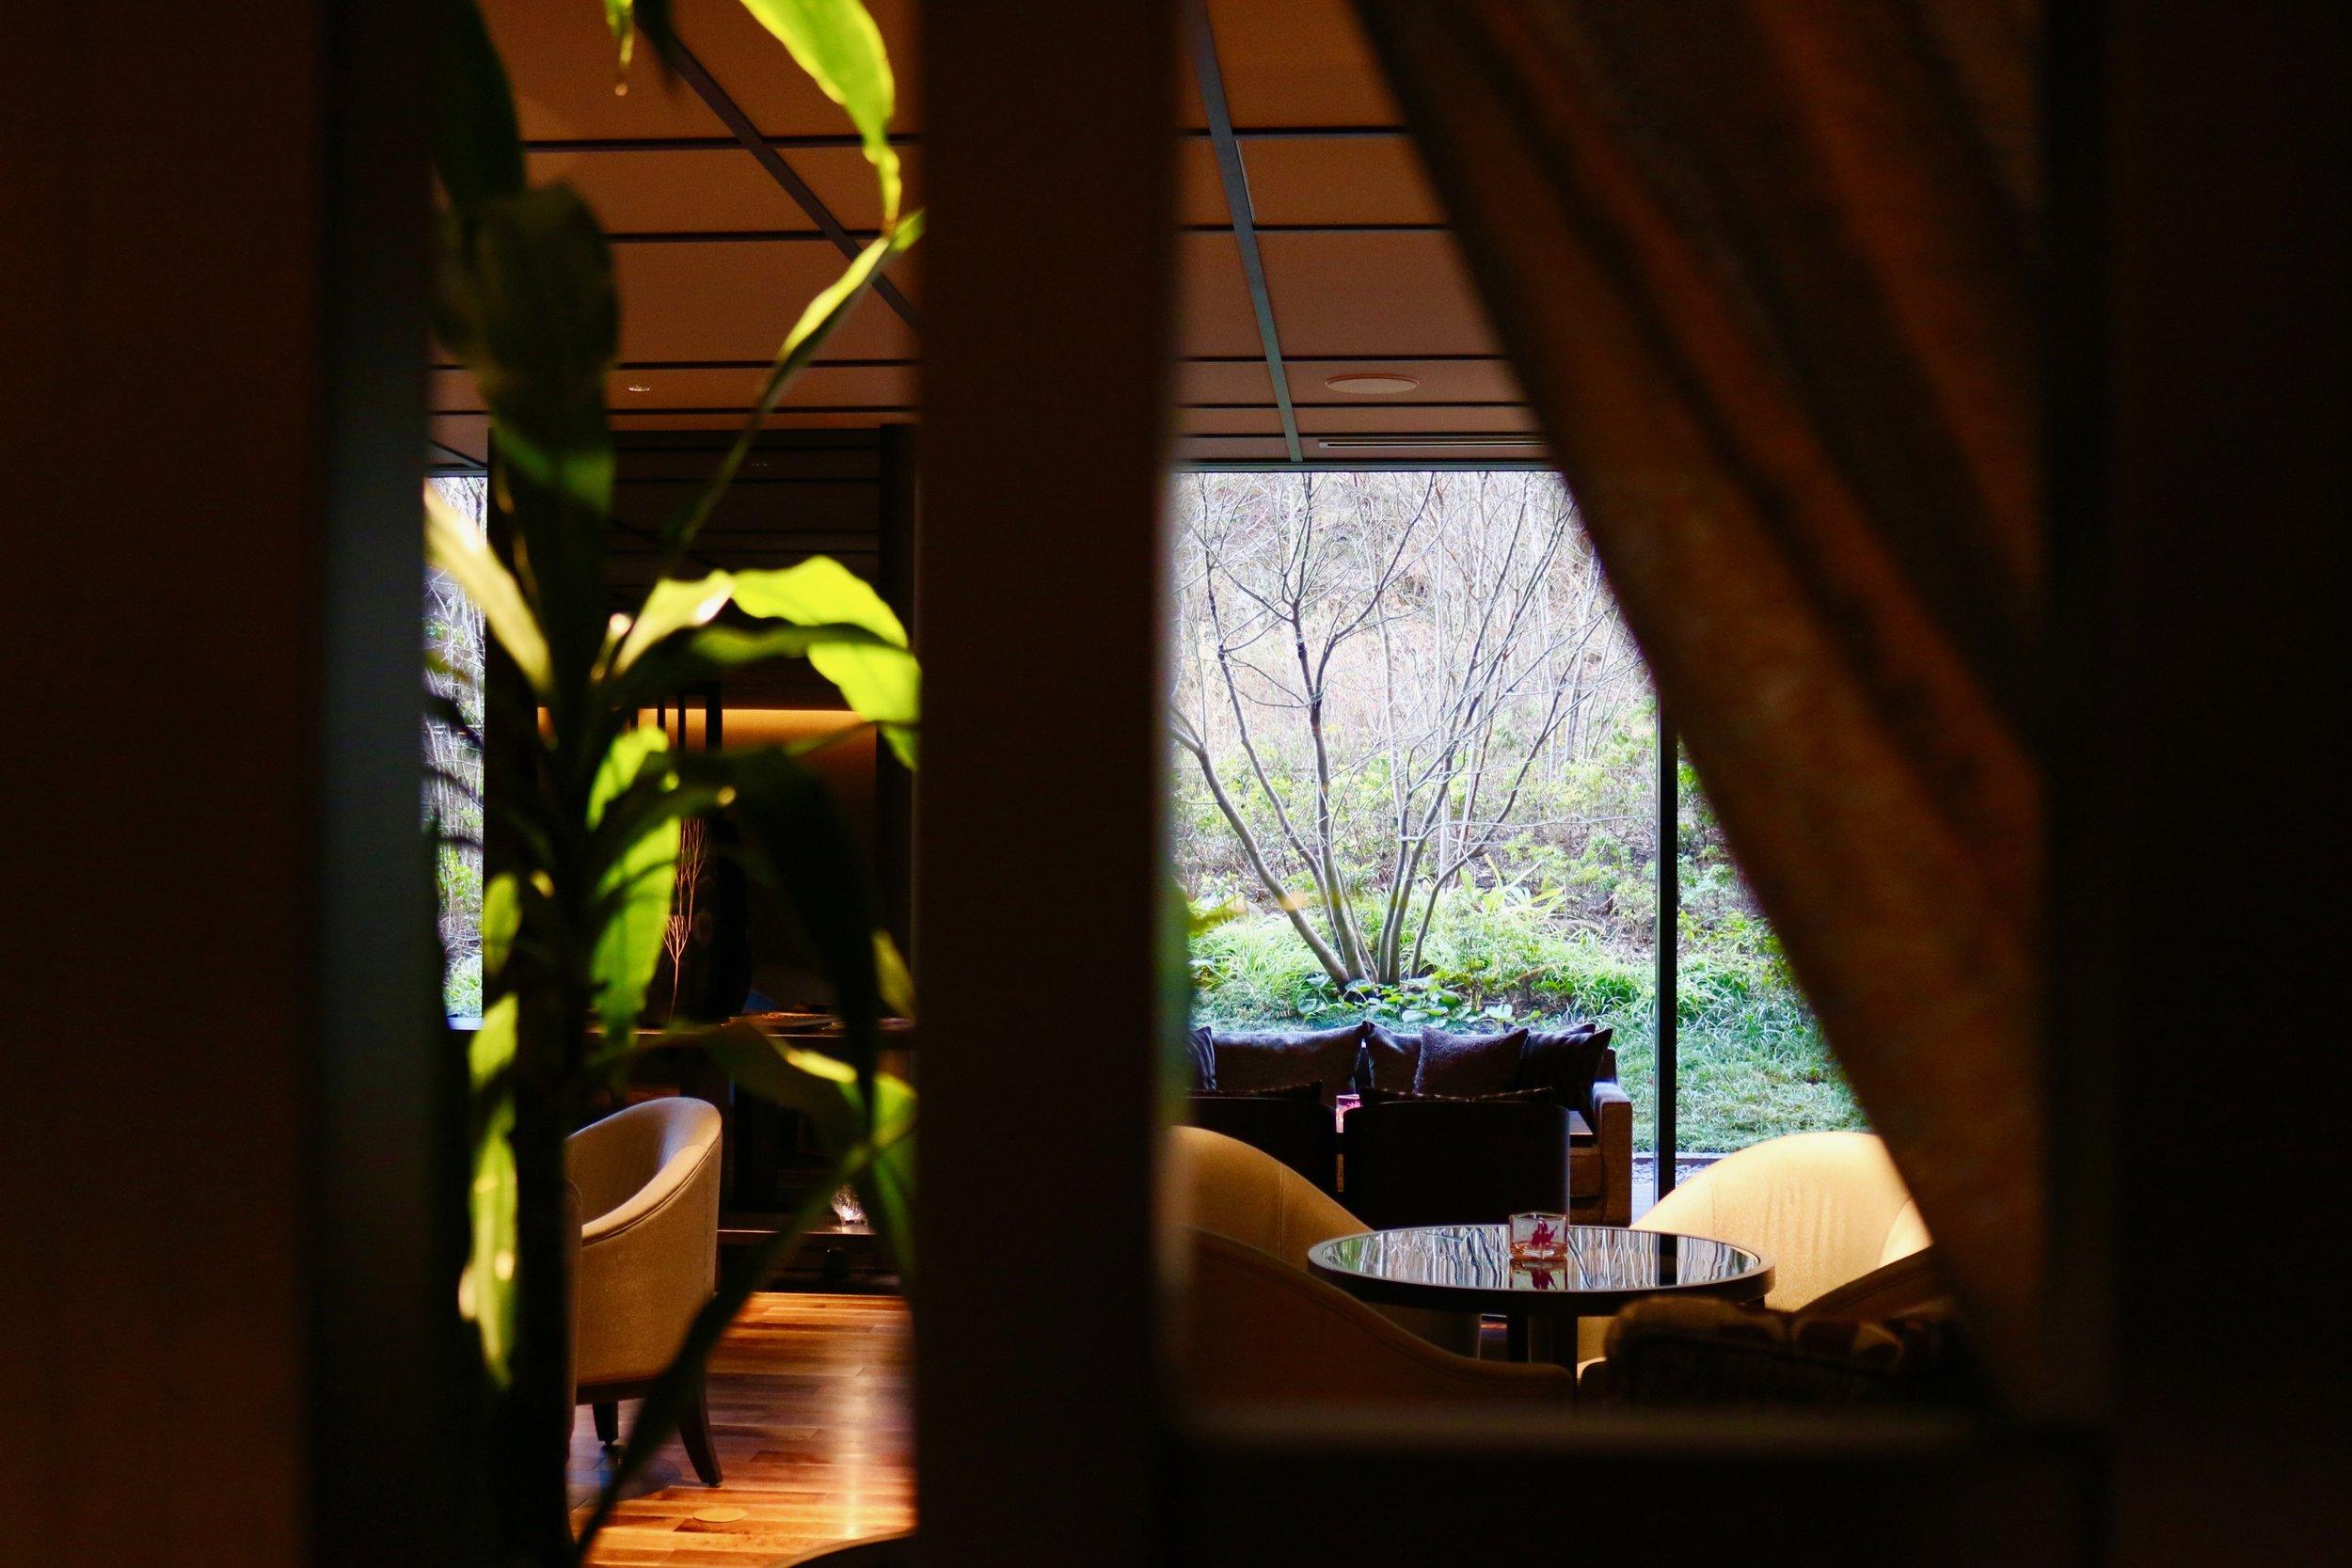 Tenyu Bar & Lounge